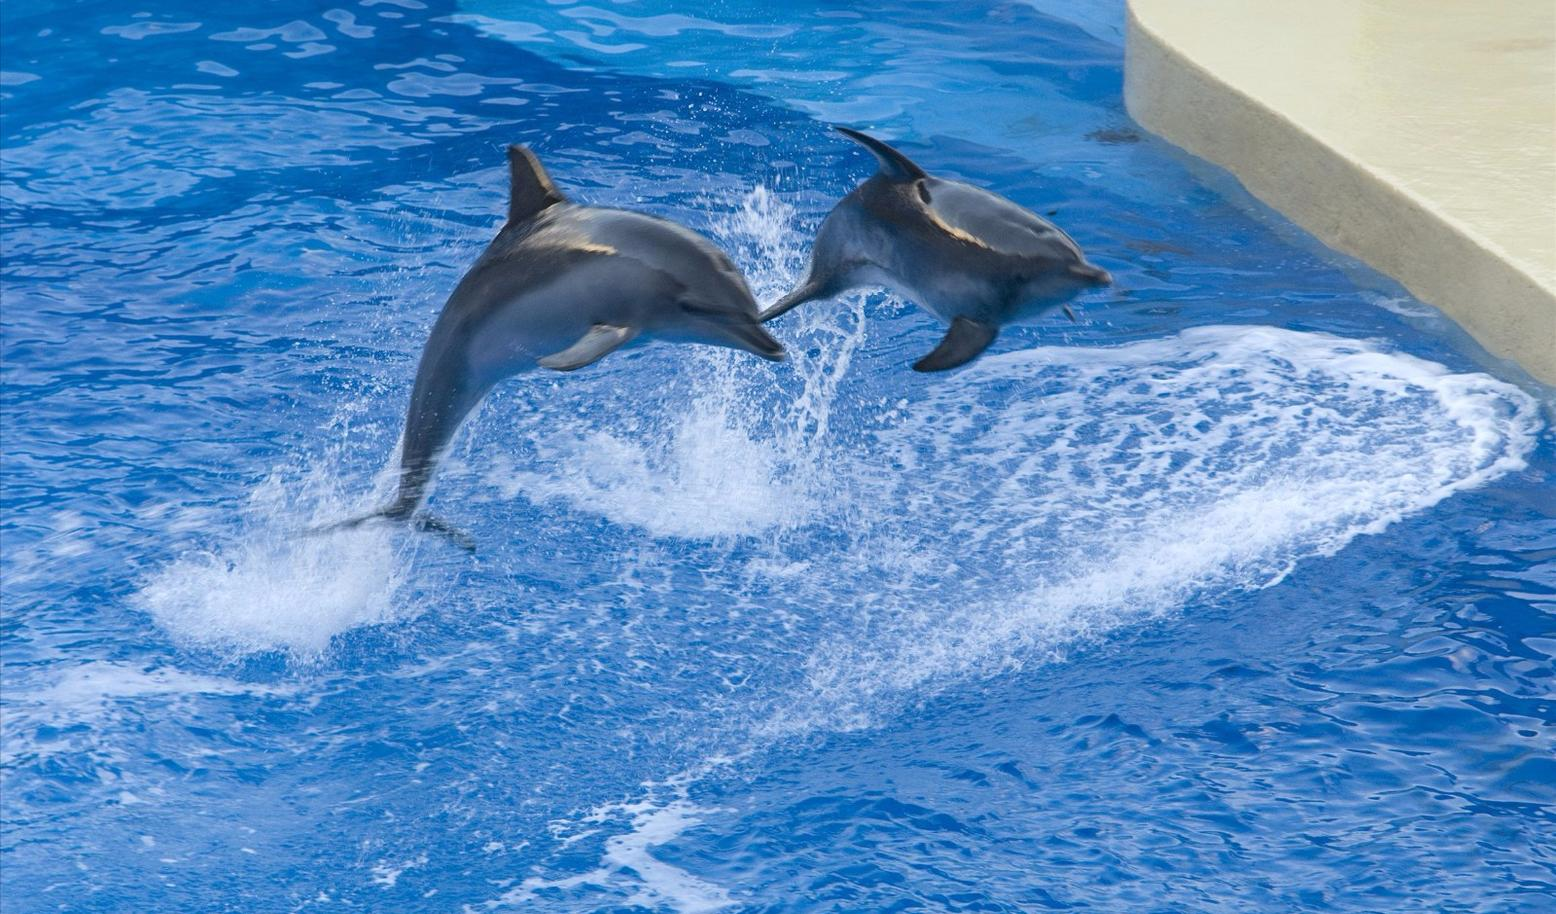 壁纸 动物 海洋动物 鲸鱼 桌面 1556_914